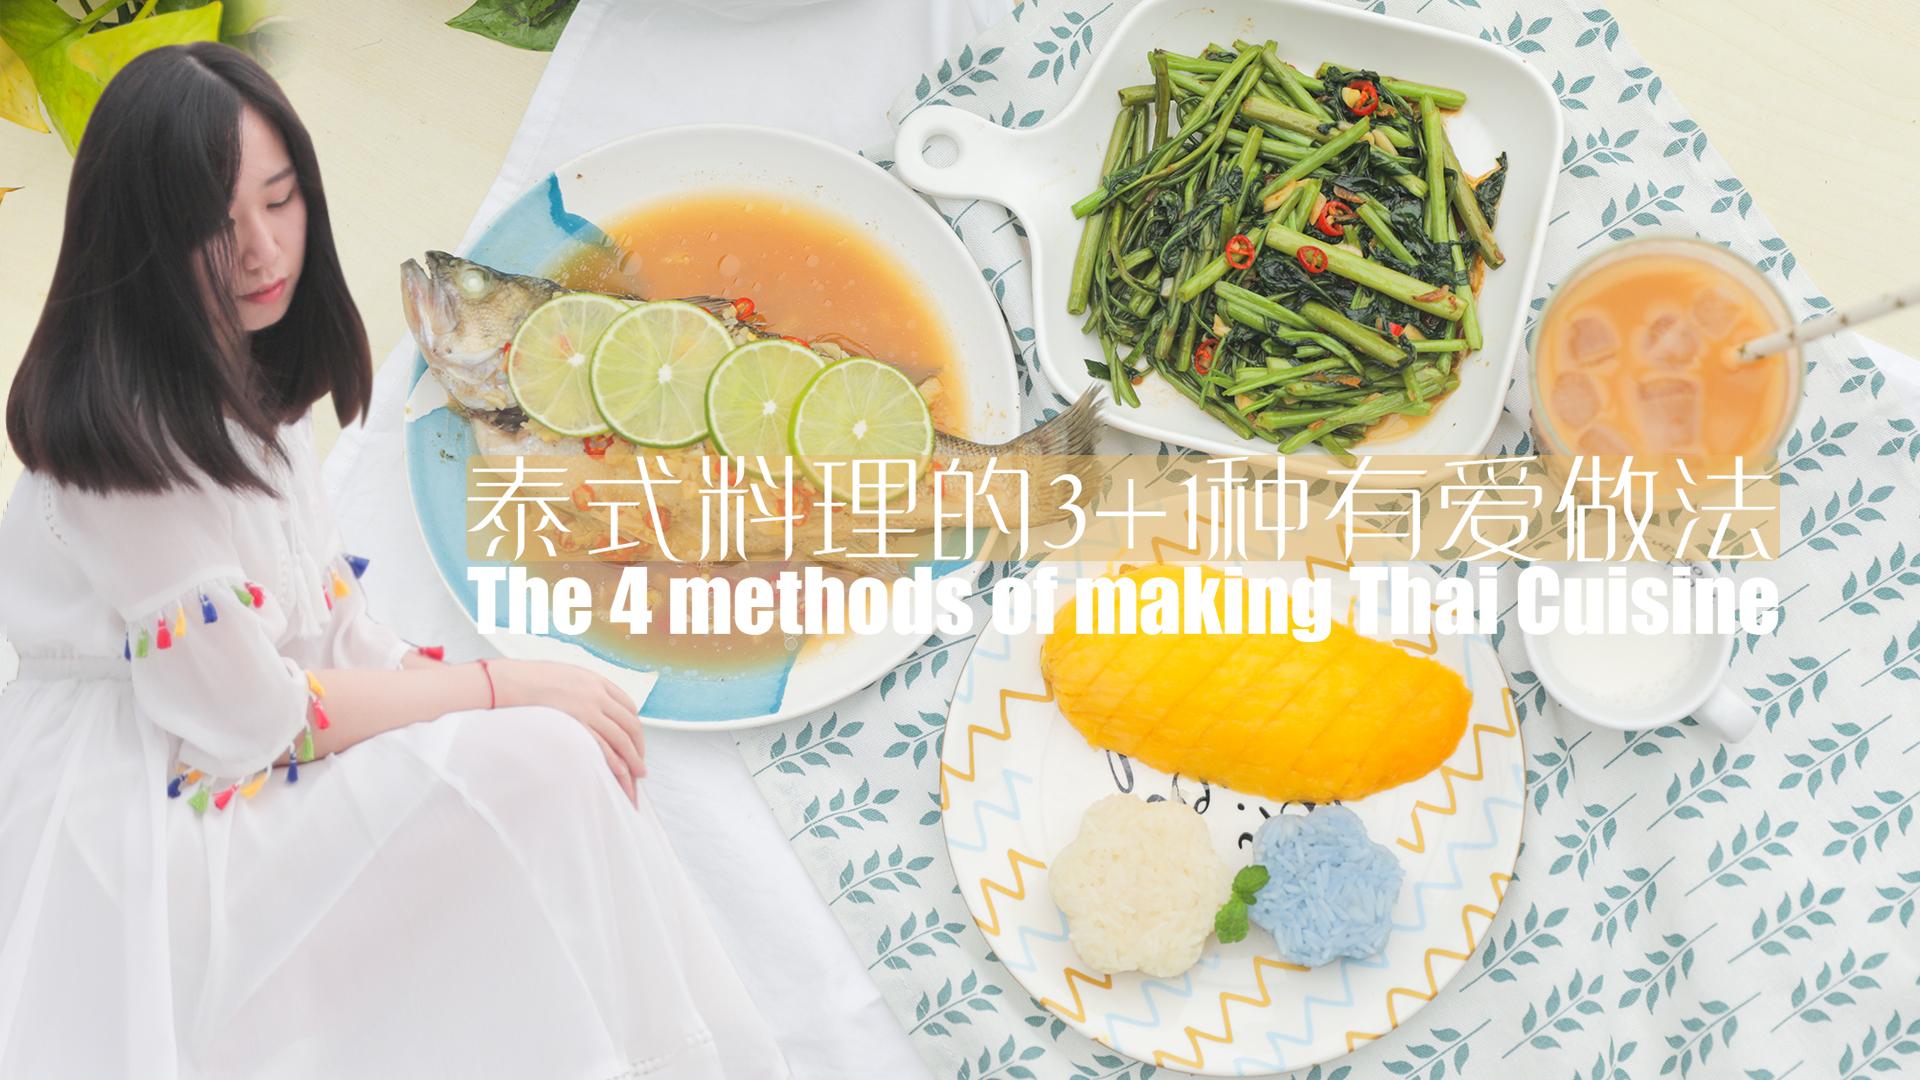 「厨娘物语」145泰式料理的3+1种有爱做法